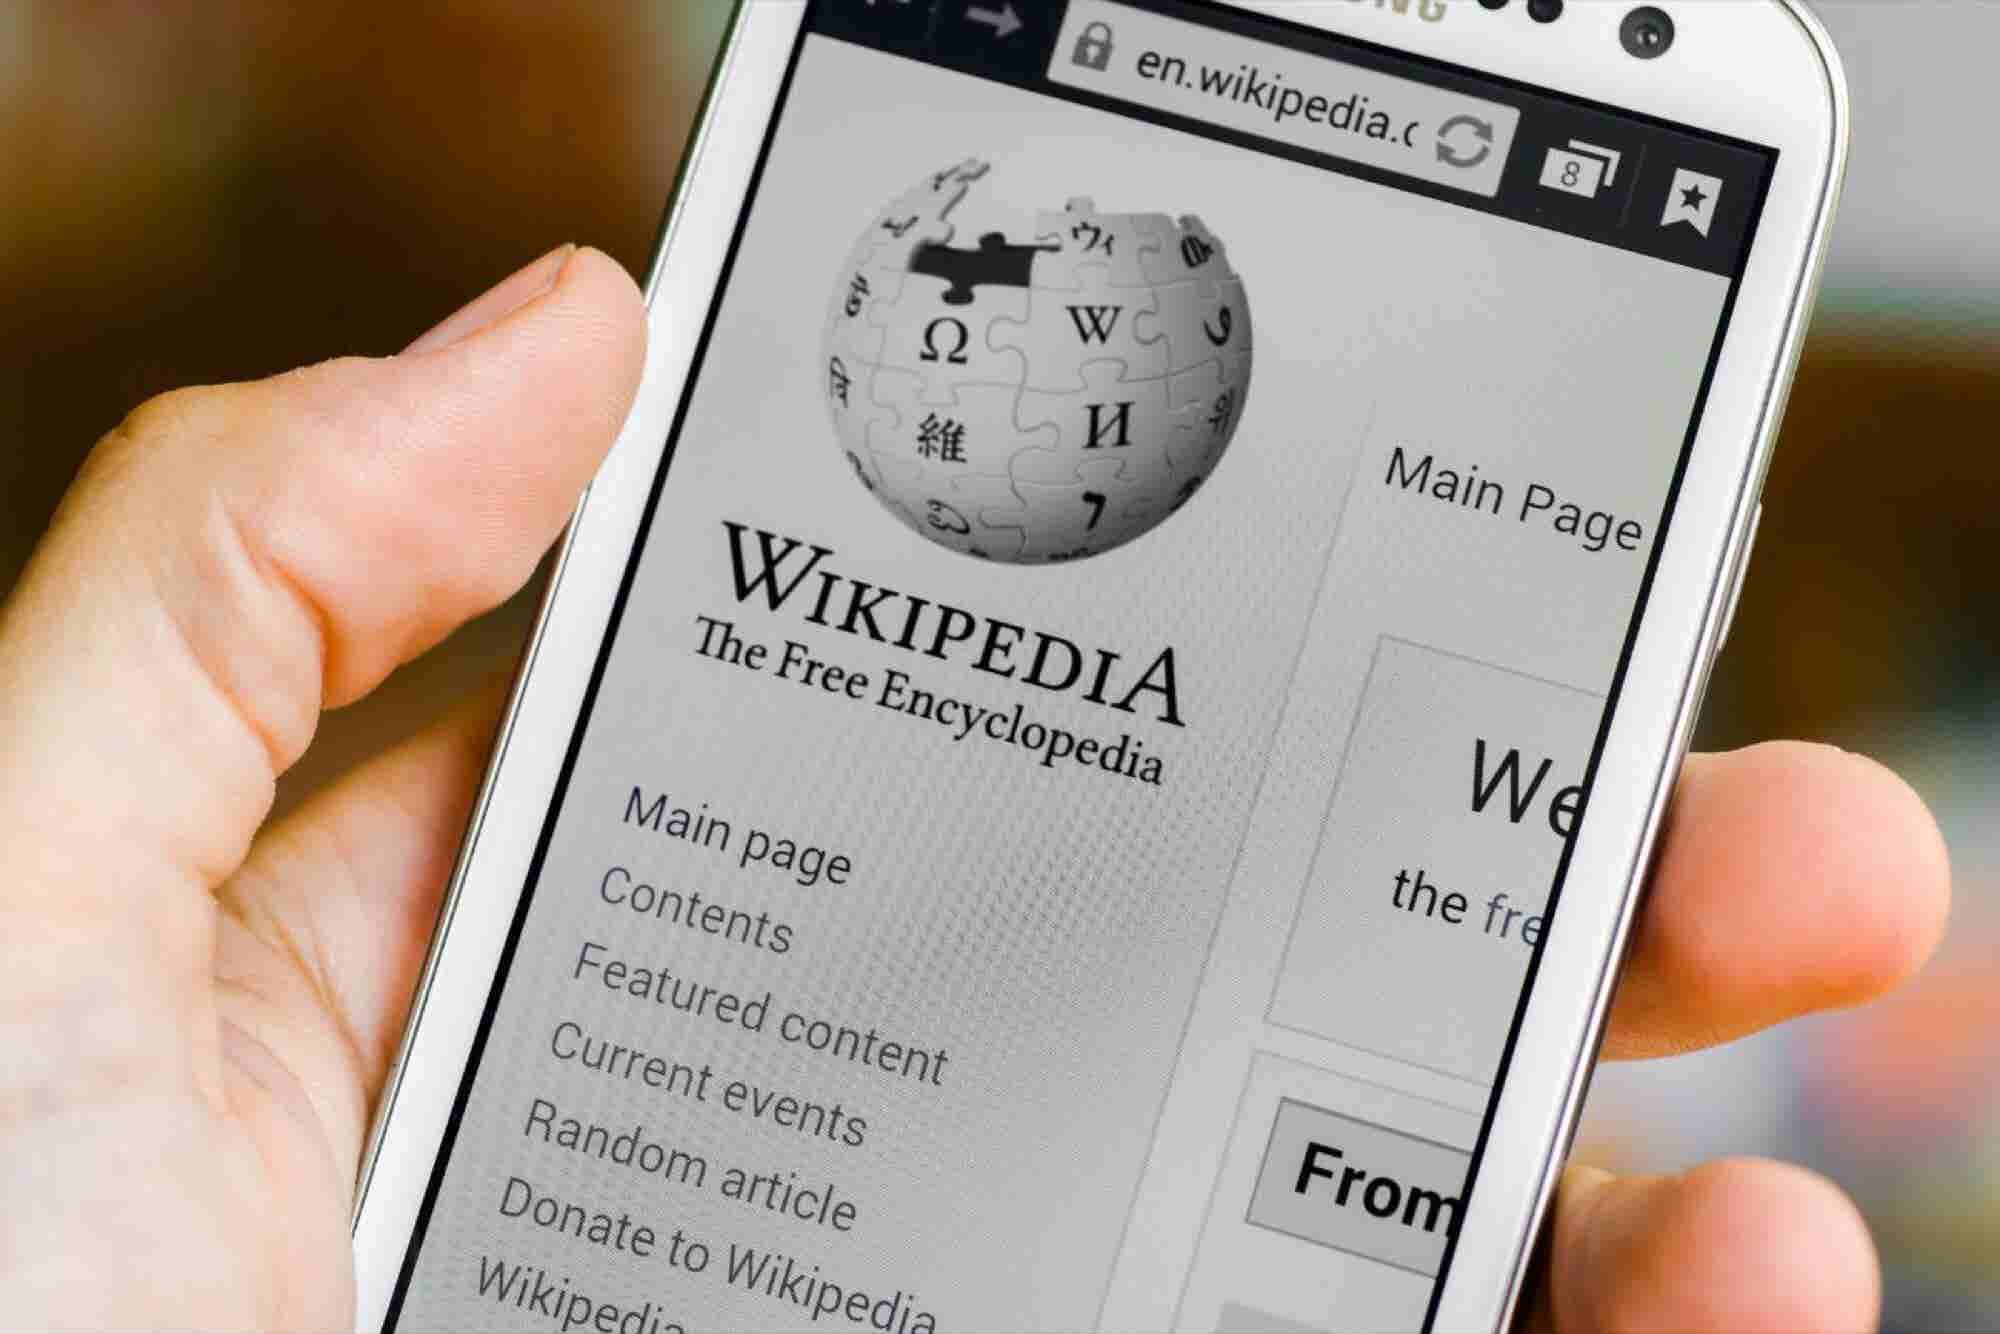 En esto es en lo que volvió a emprender el fundador de Wikipedia